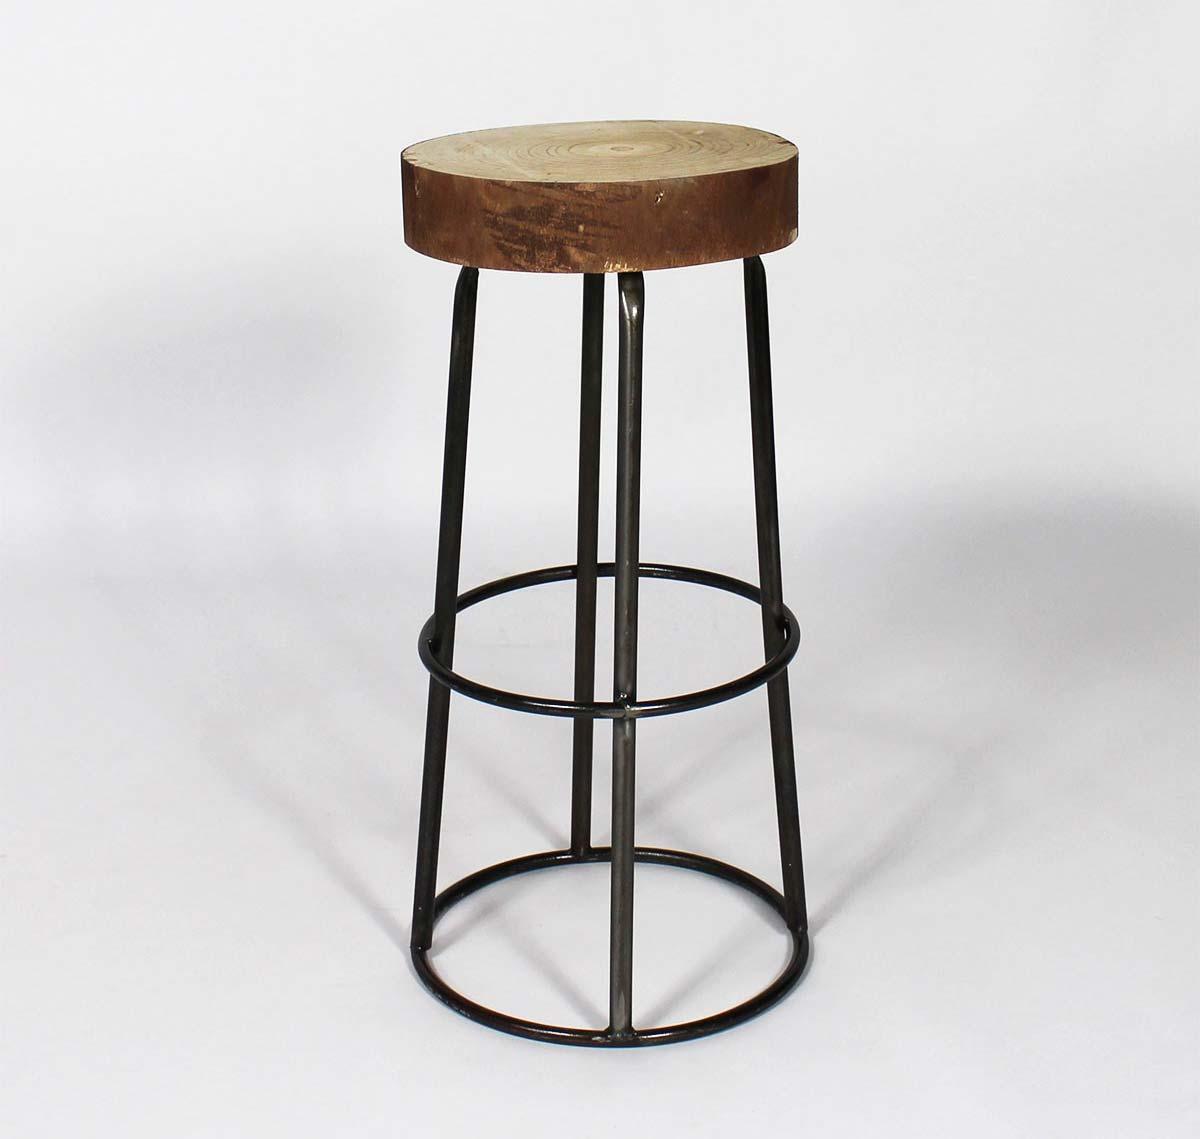 Tabouret de bar avec assise tronc d 39 arbre for Tabouret industriel ikea